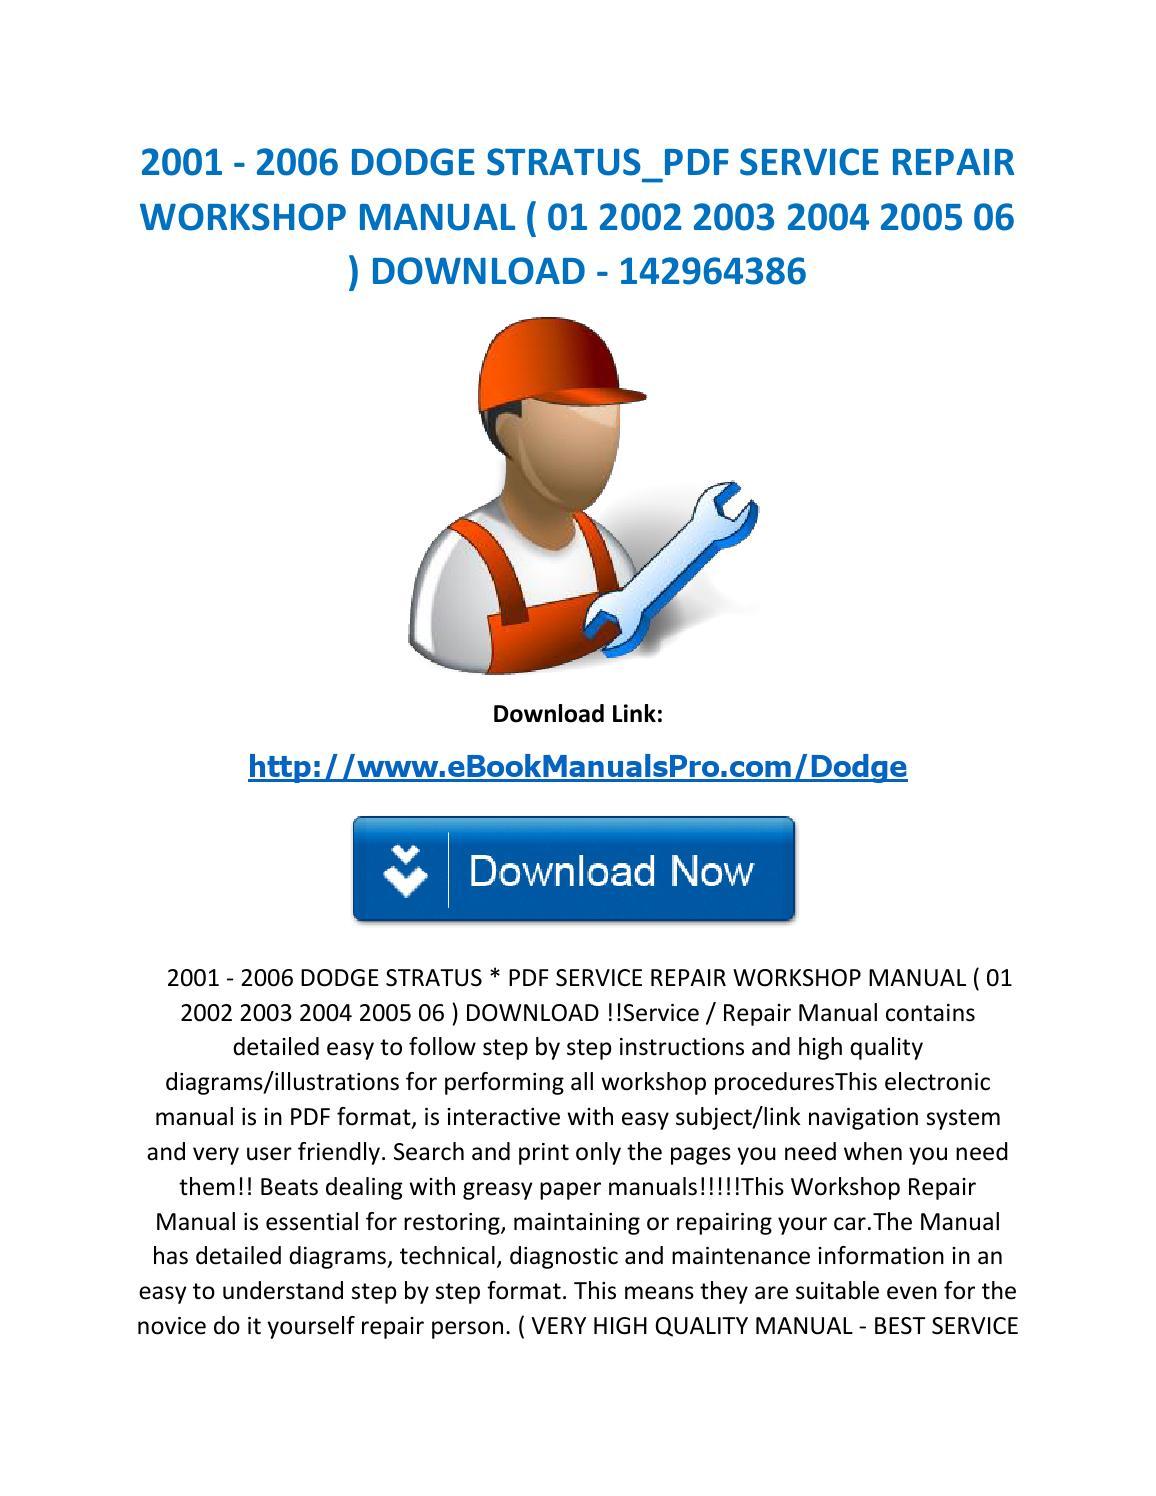 2001 2006 Dodge Stratus Pdf Service Repair Workshop Manual